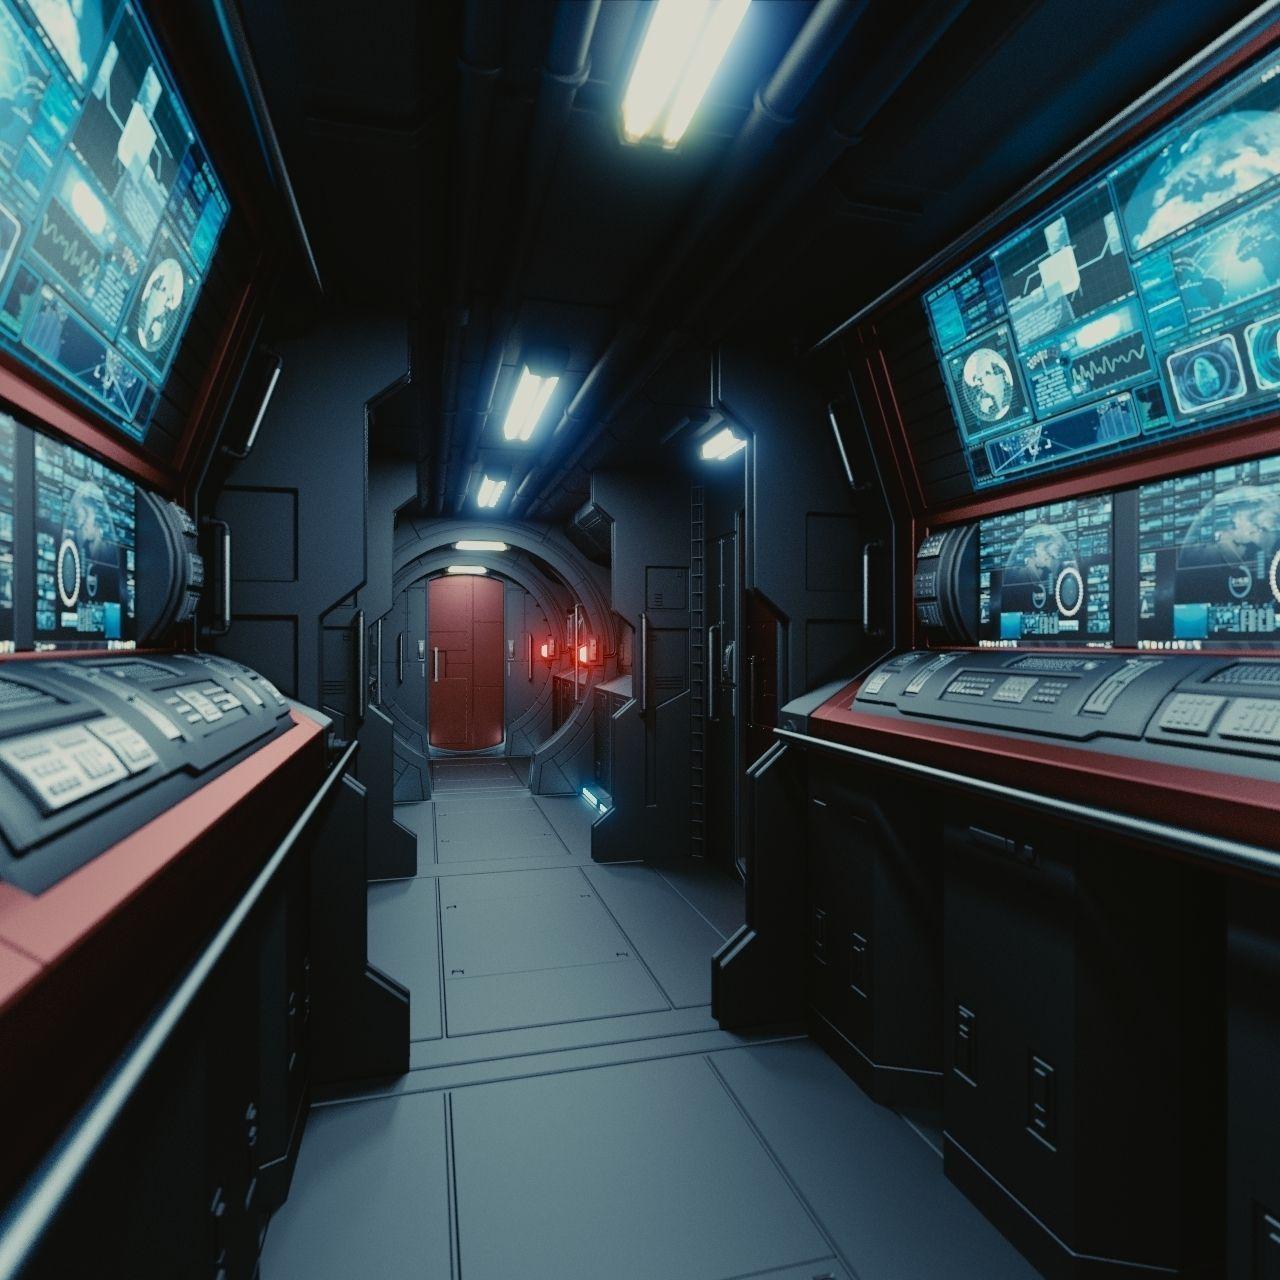 spaceship interior c hd 3d model obj fbx blend. Black Bedroom Furniture Sets. Home Design Ideas